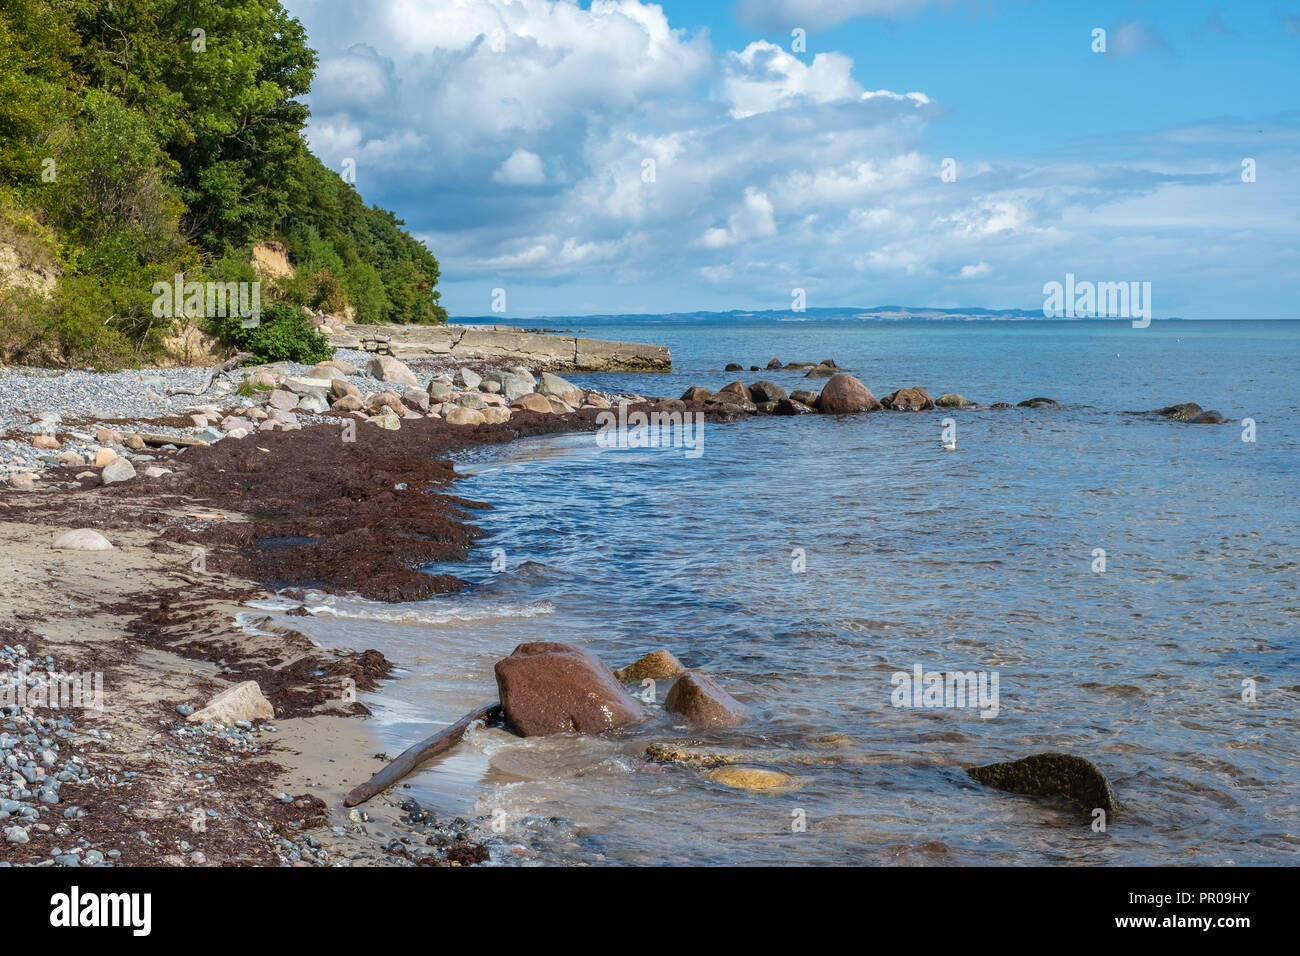 Strand von fanefjord Skov an der südwestlichen Seite der Insel Moen, Dänemark, Skandinavien, Europa. Stockbild